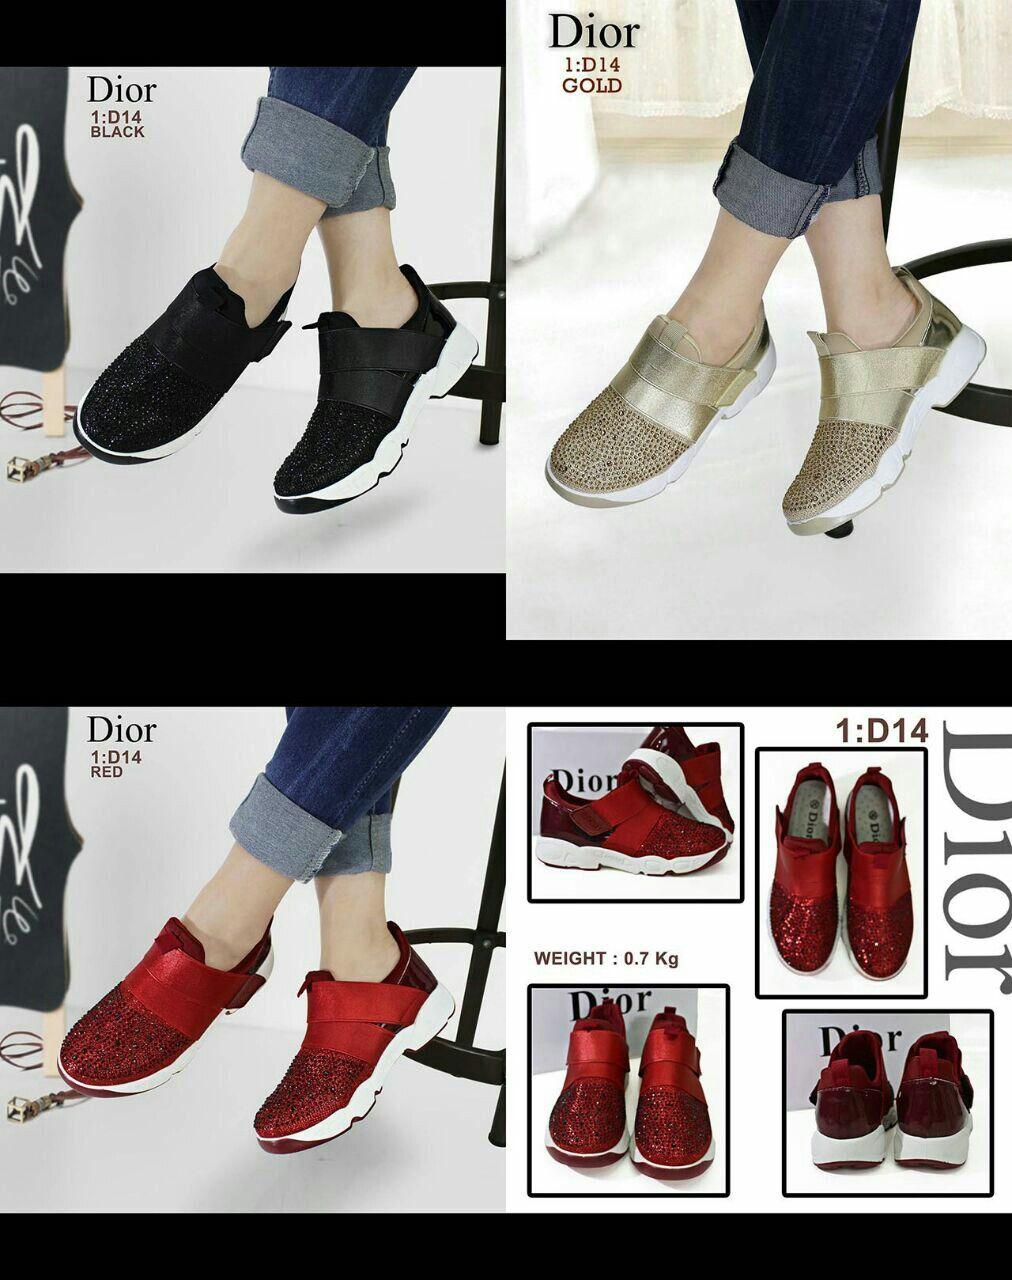 Sepatu Merek Dior Seri D14 Kualitas Sempren Warna Red Gold